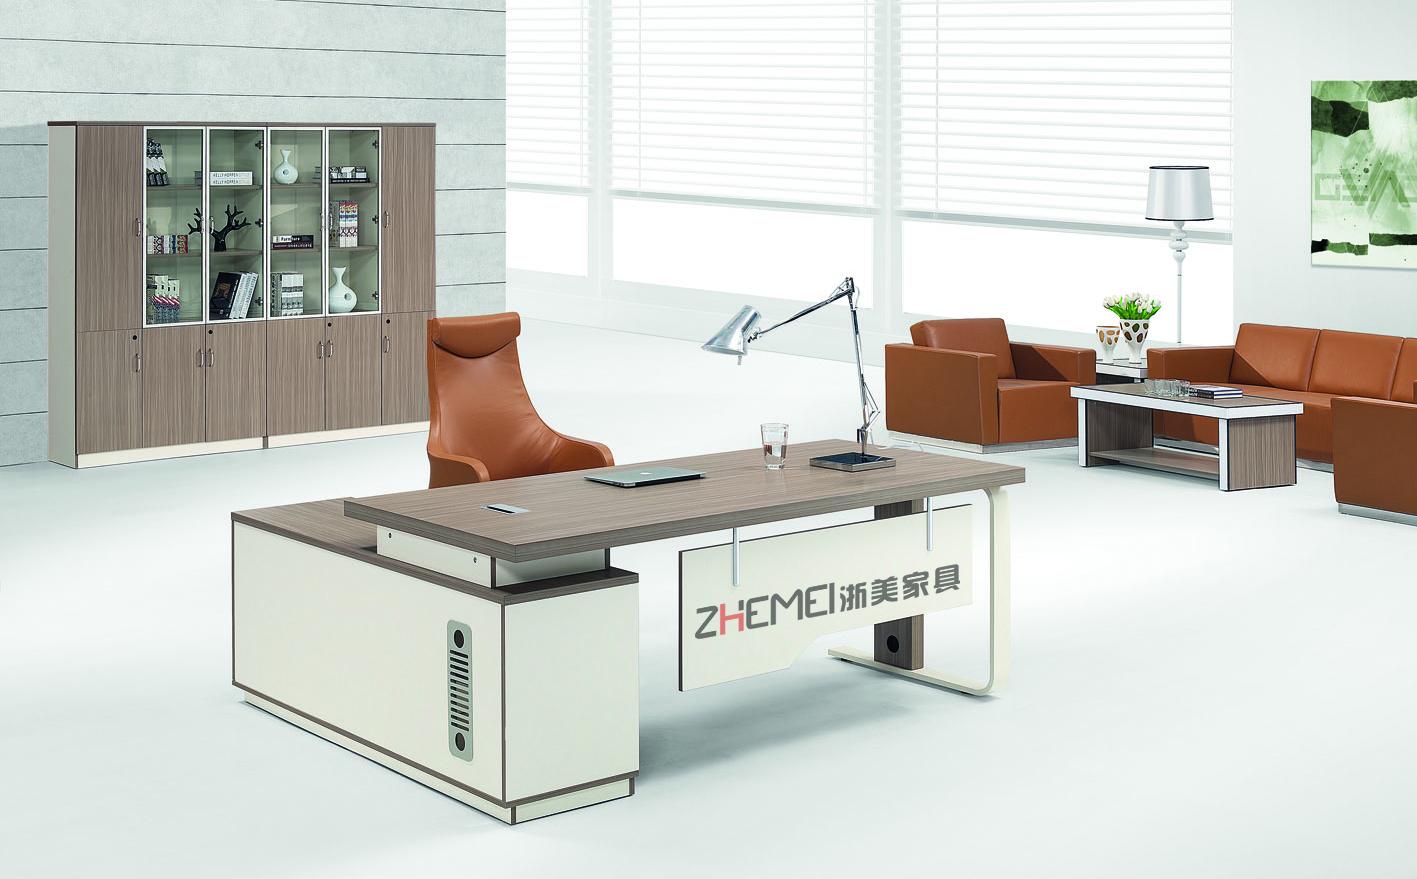 时尚自由 浙美主管、经理办公室班台、主管桌